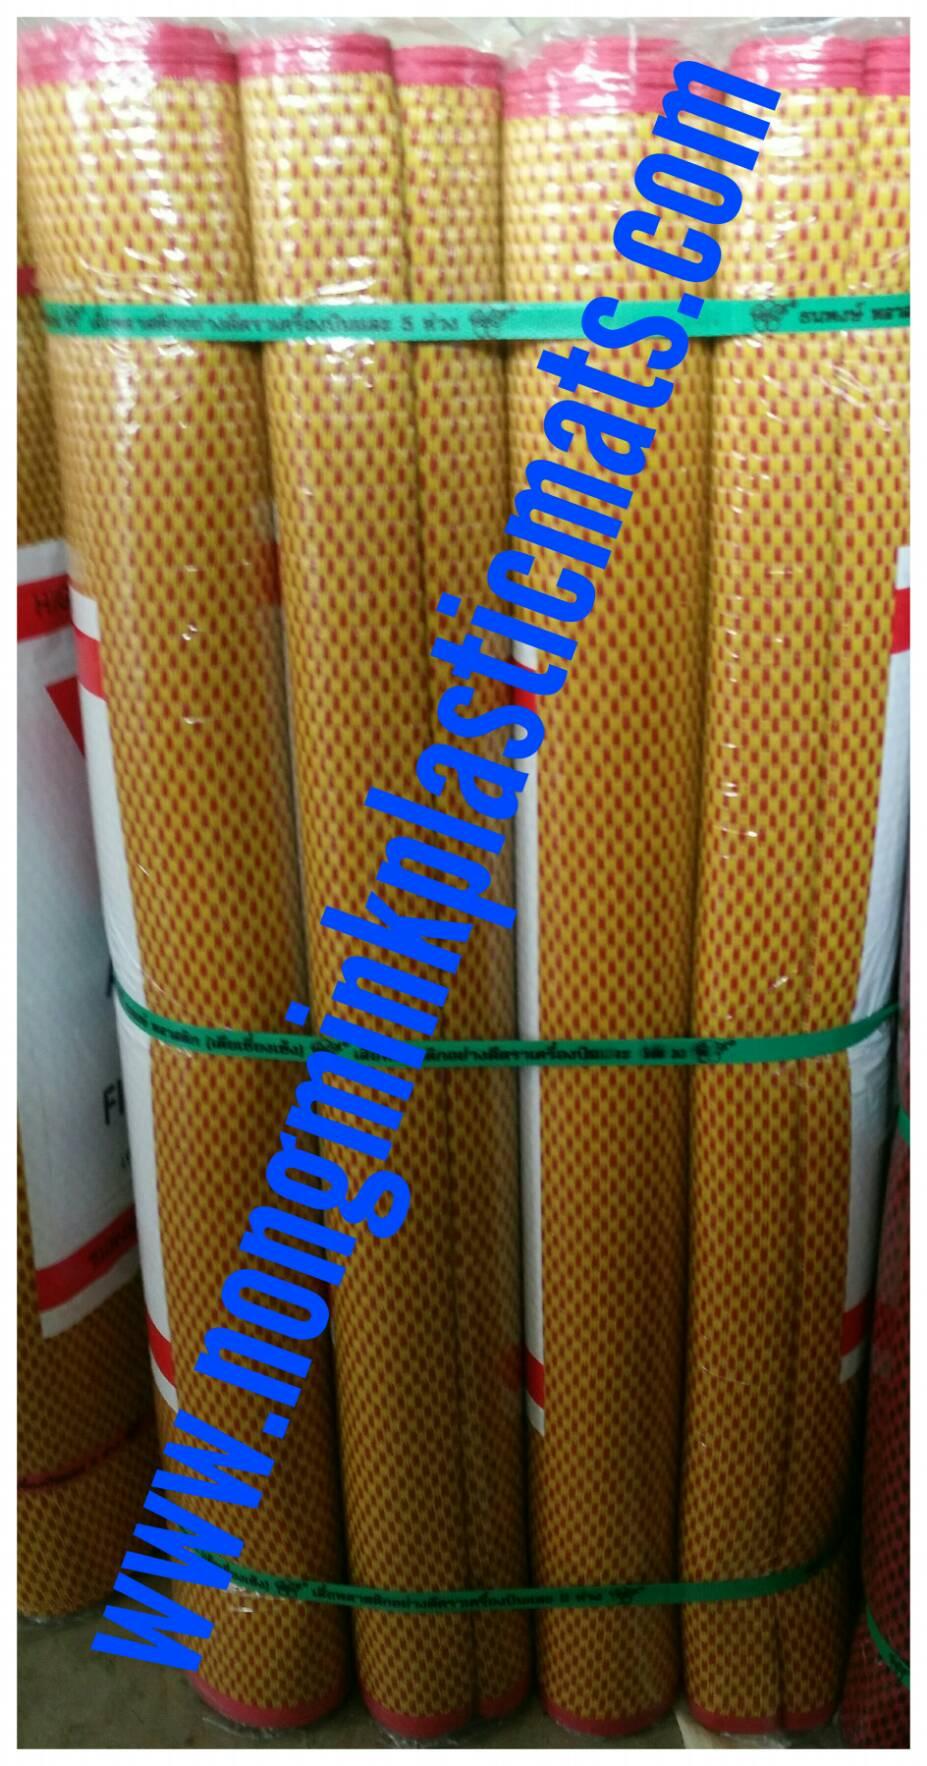 เสื่อพลาสติกถวายวัดเหลืองแดง ขนาดกว้าง 90cm.xยาว 10m.กุ้นขอบผ้า